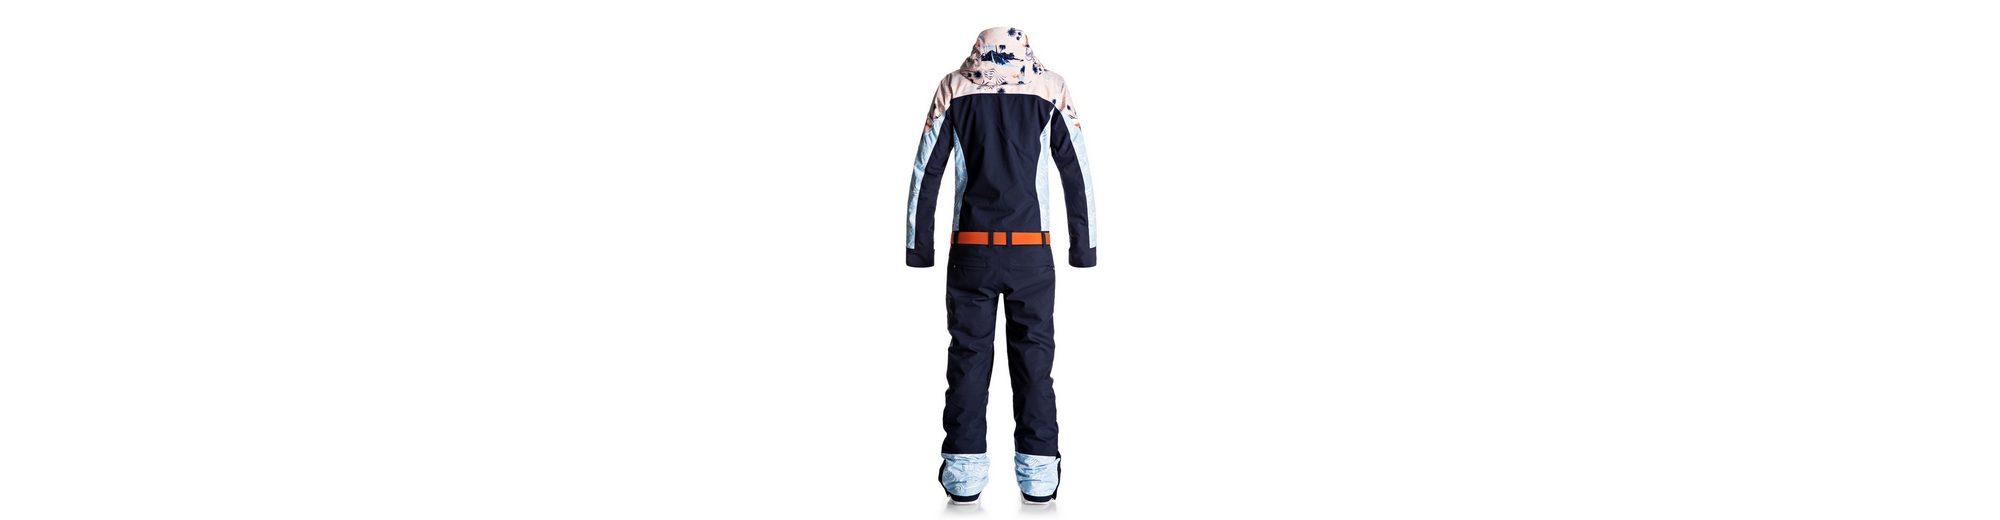 Spielraum Angebote Roxy Schneeanzug Impression Steckdose Niedrigsten Preis Billig Verkauf Manchester DgdjN0t